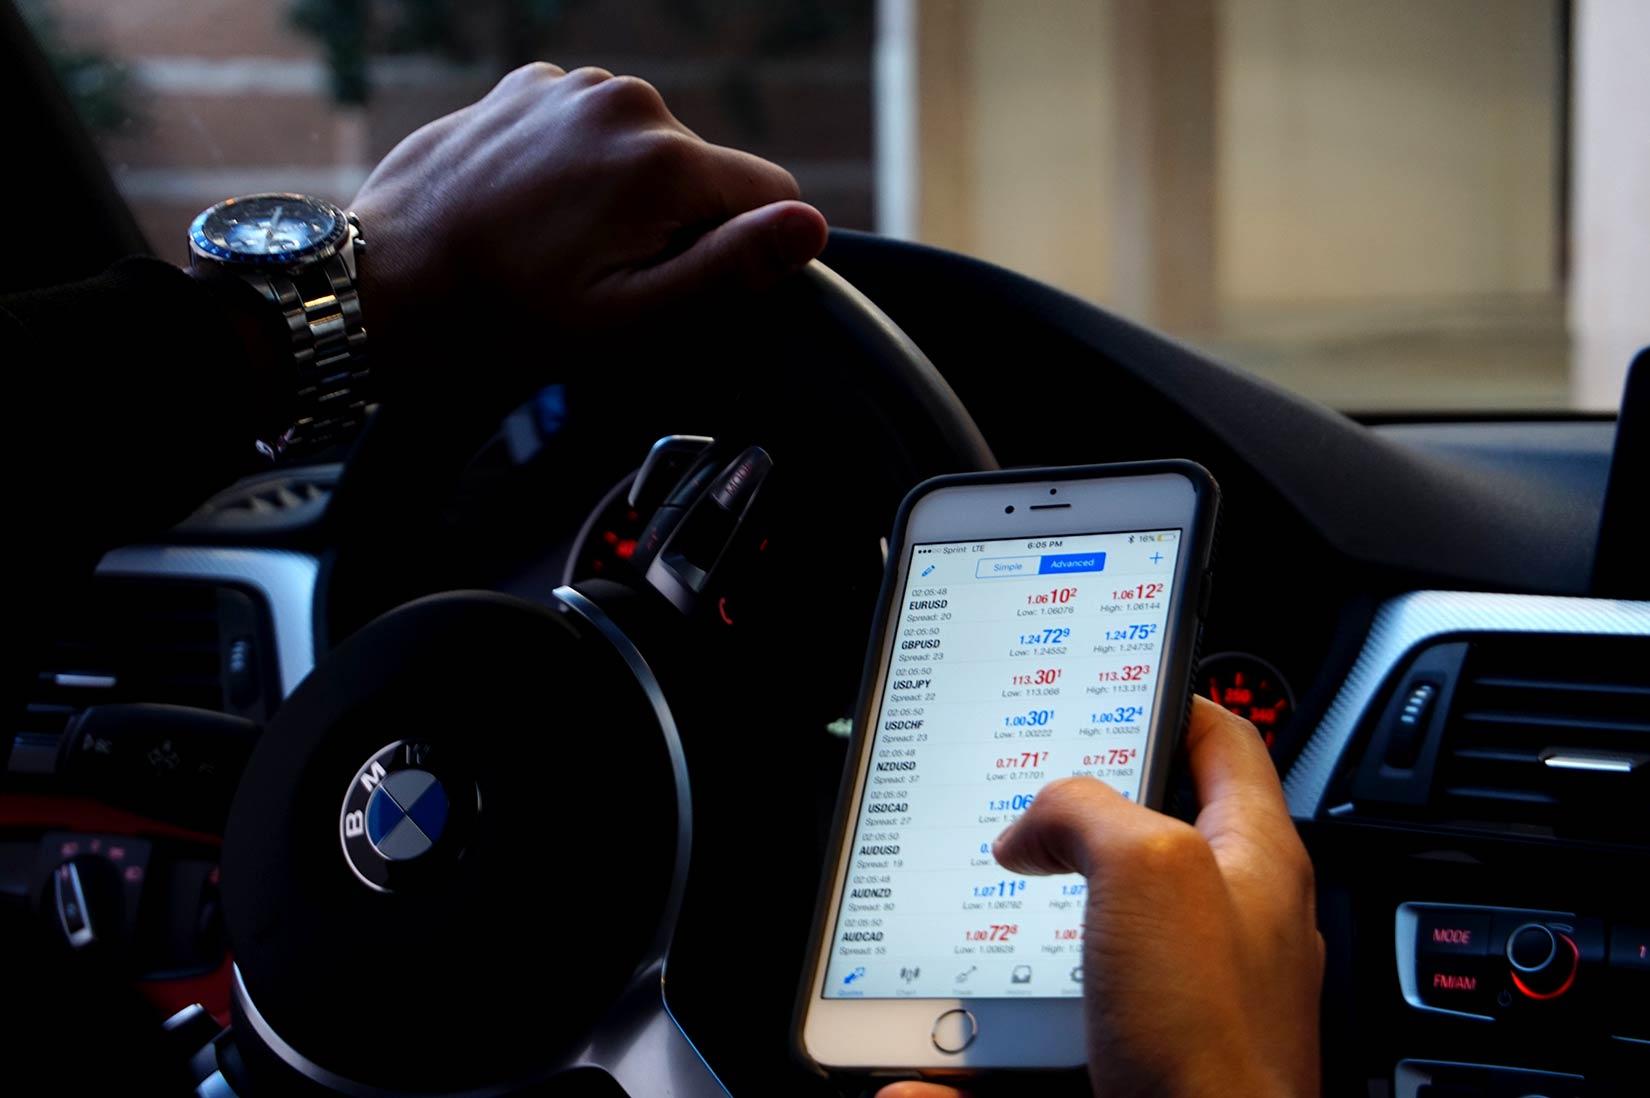 Étude US : le smartphone utilisé au volant plus fréquent chez les possesseurs d'iPhone que d'Android 1